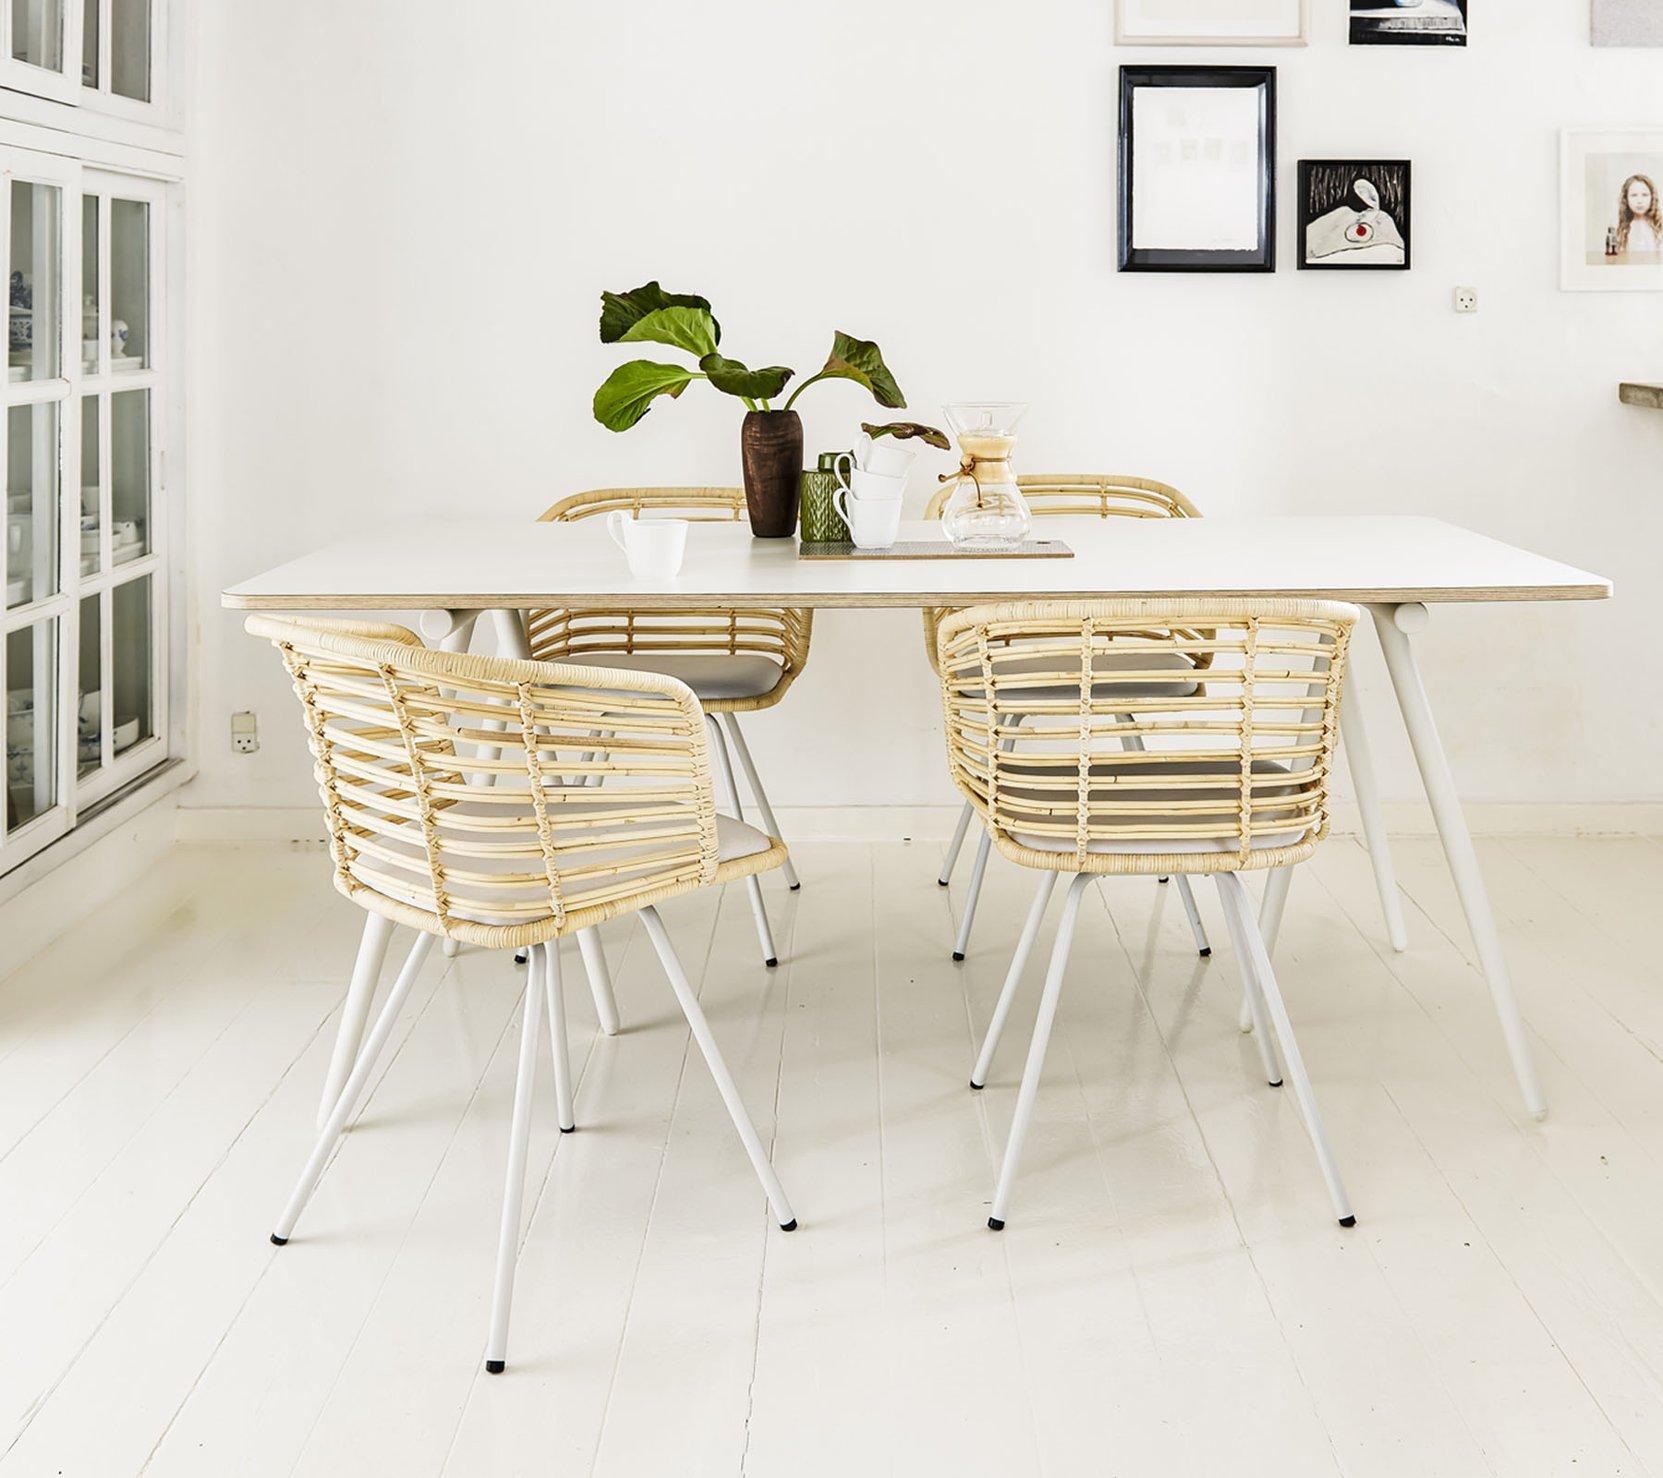 Ein Esszimmer mit einem Cane-line Esstisch und Esszimmerstühlen.